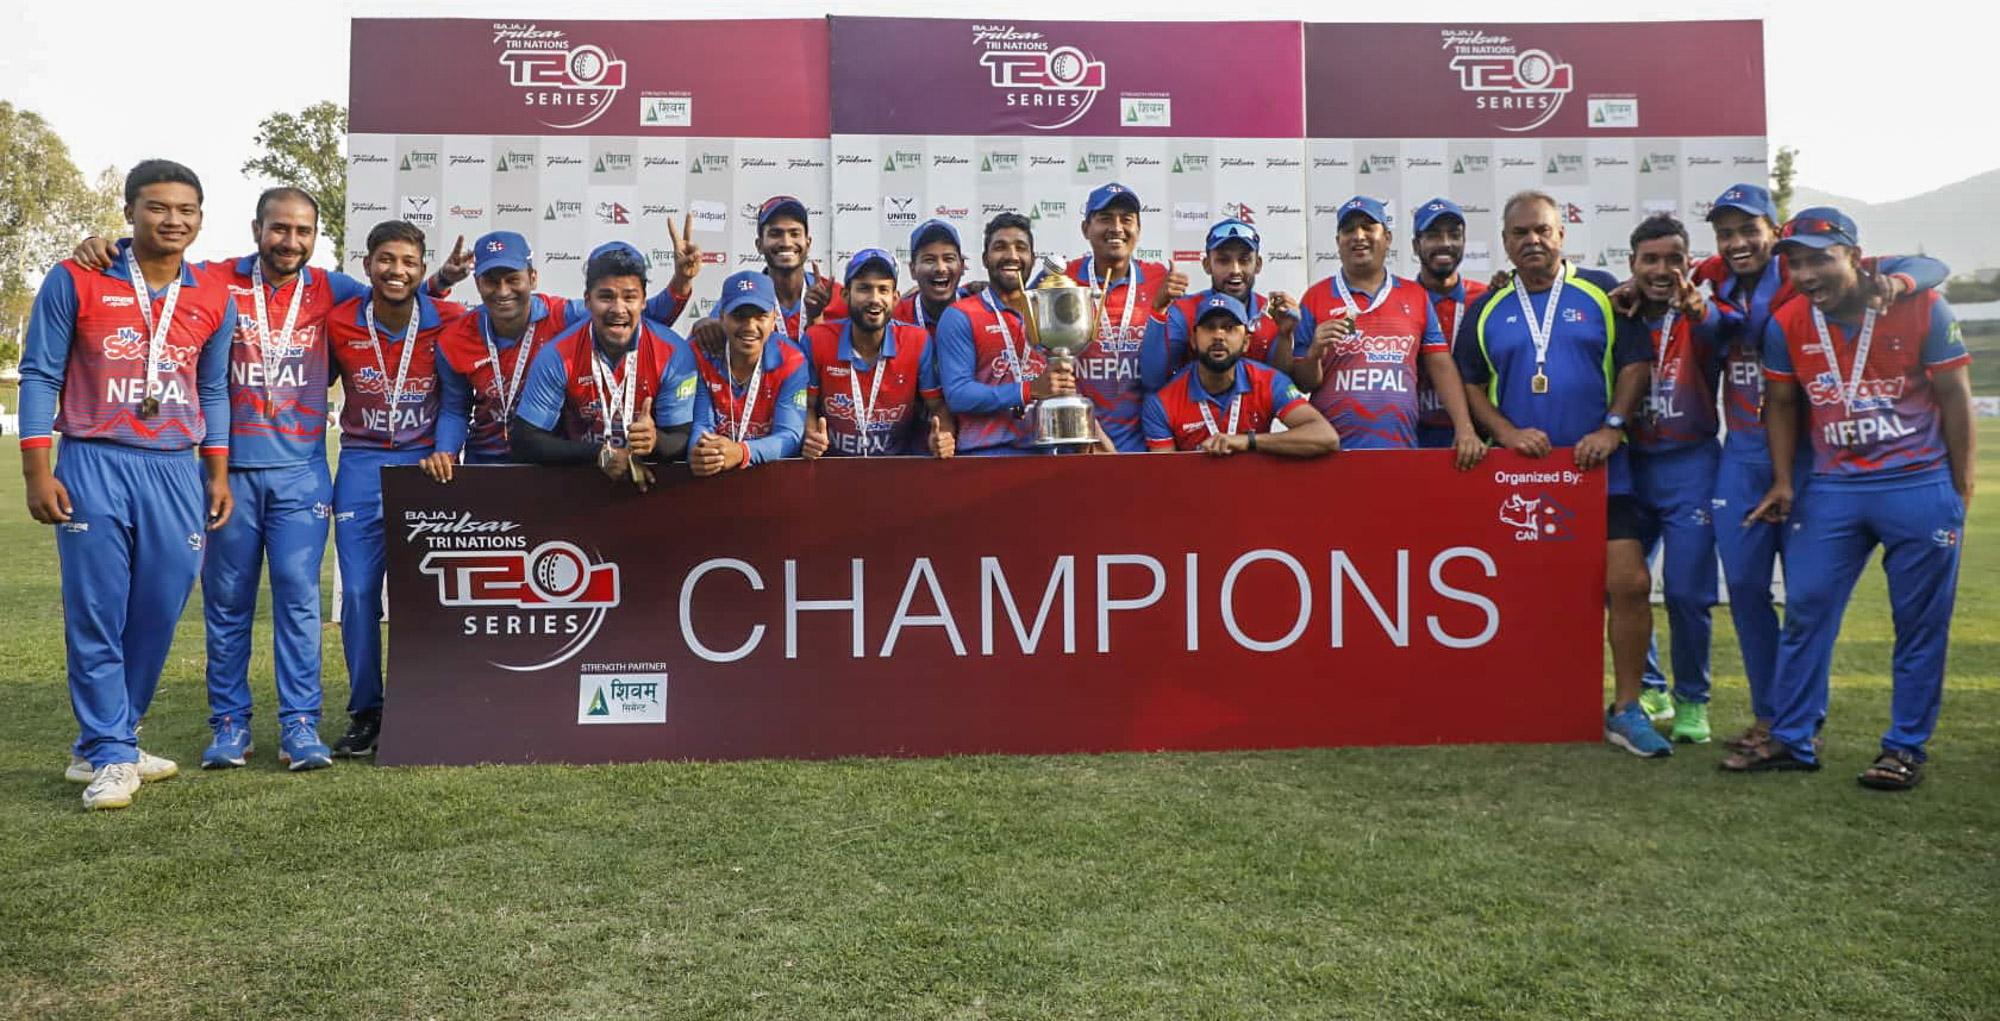 त्रिकोणात्मक टी-२० सिरिज : नेपालका लागि कीर्तिमानको उत्सव